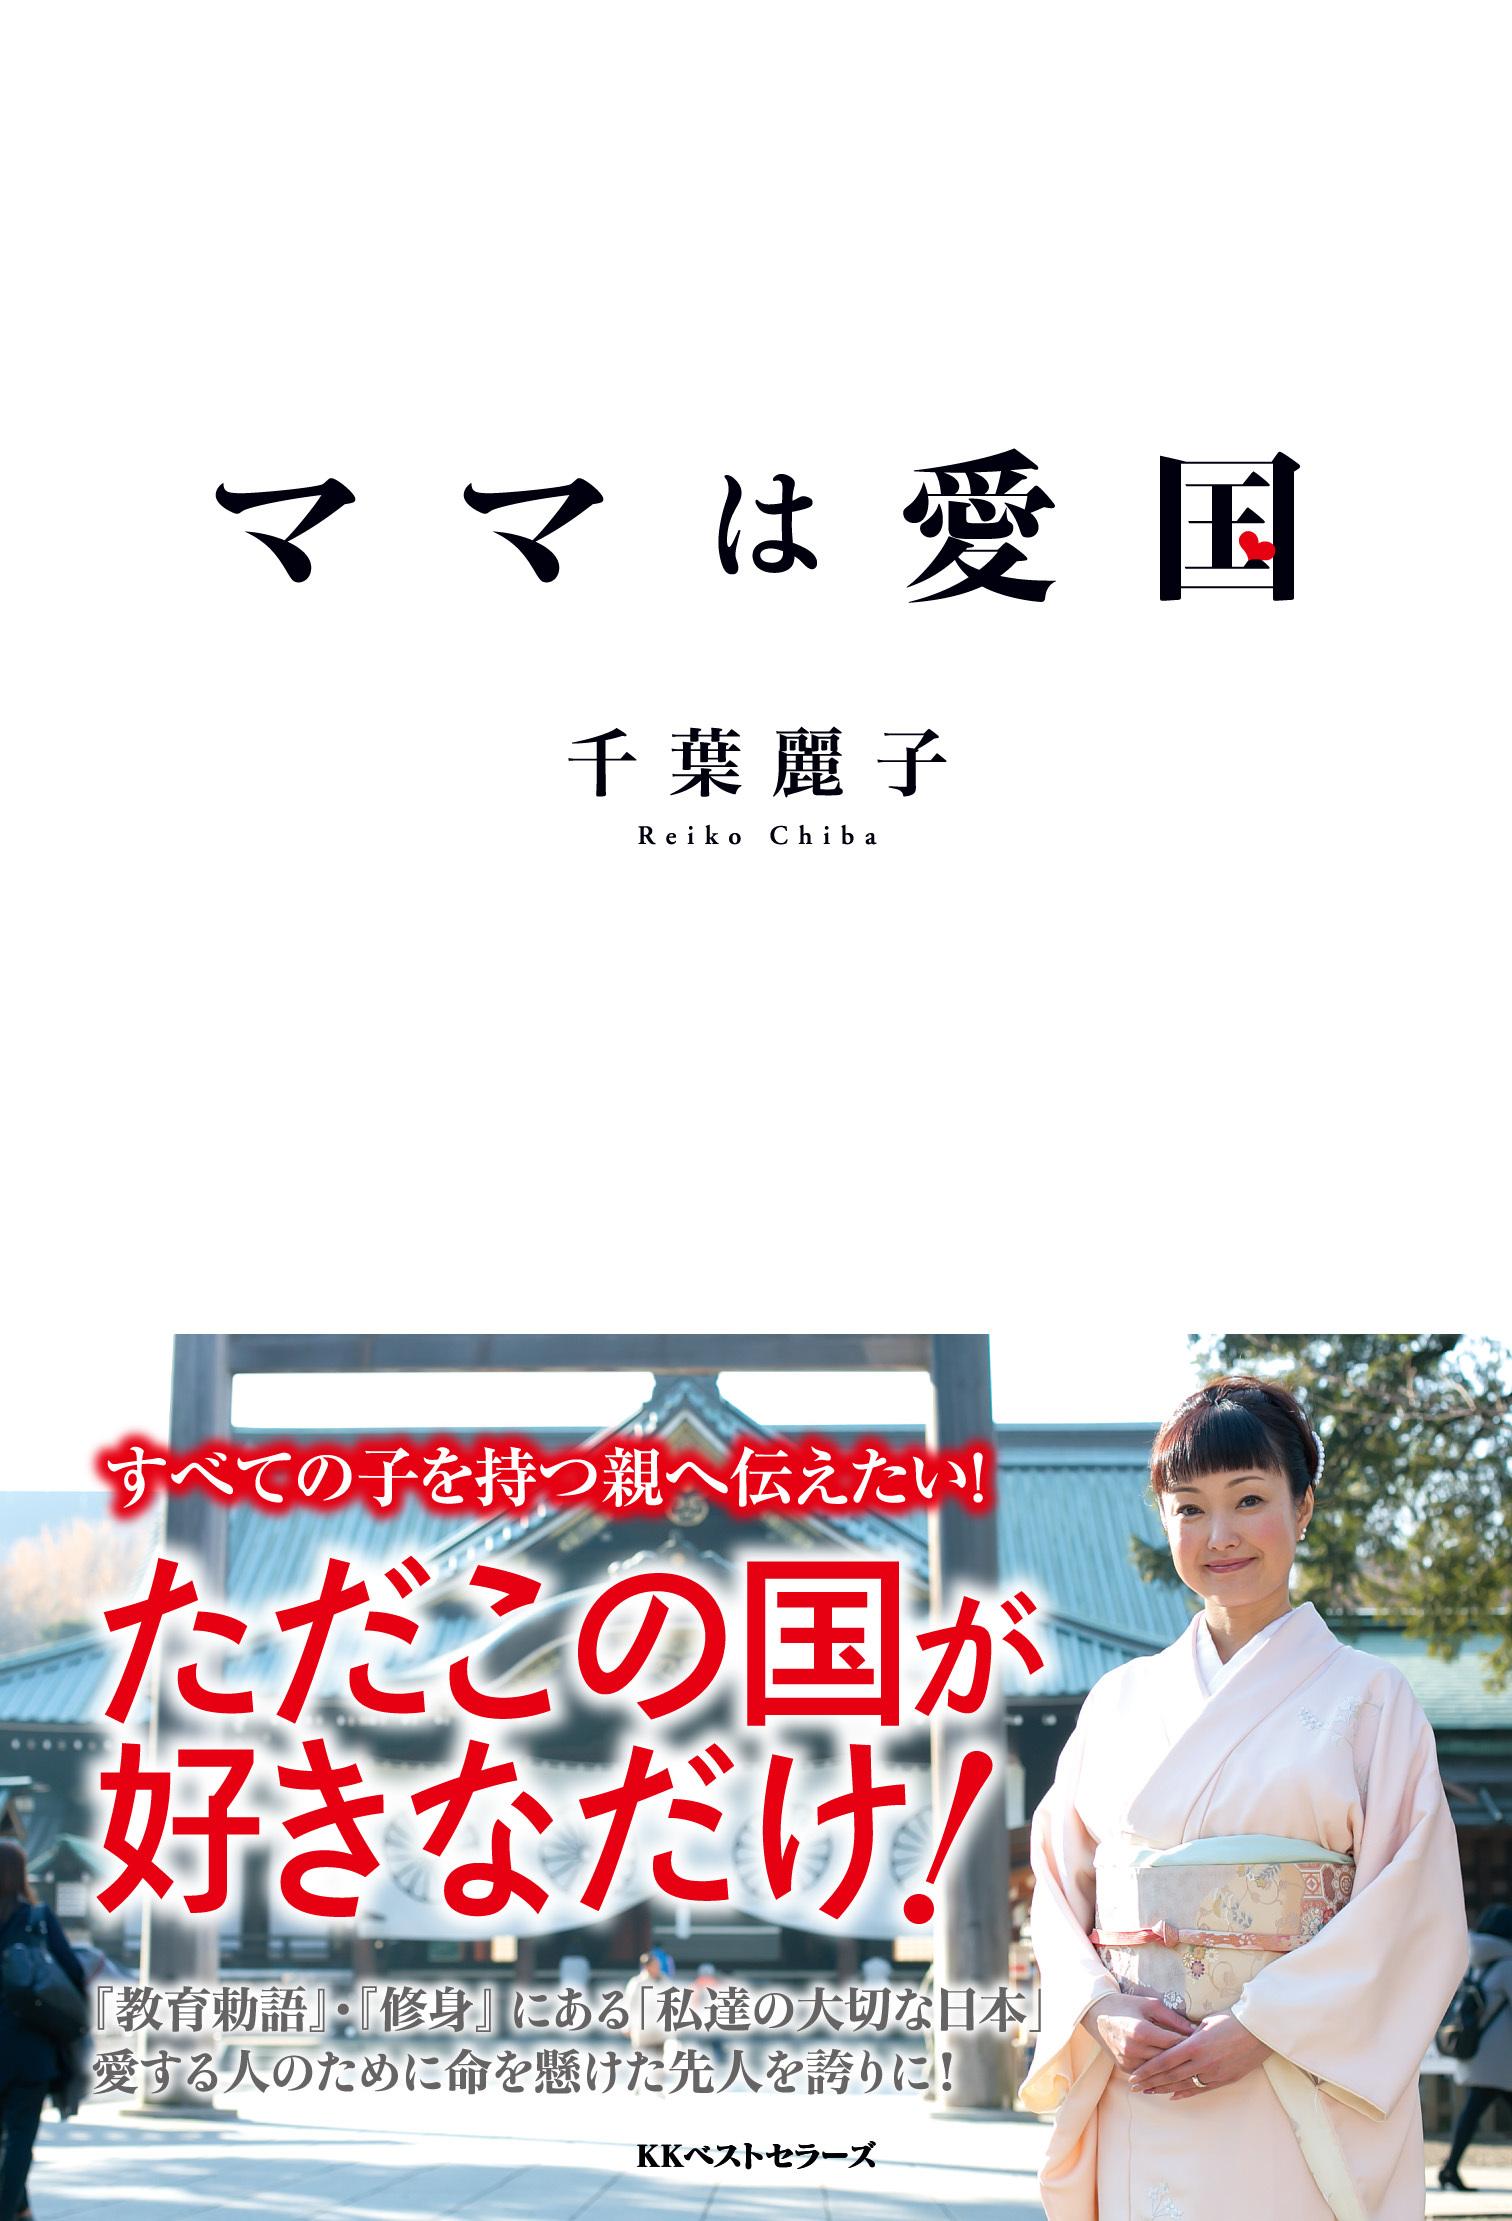 千葉麗子、日本への愛を語りつくす!